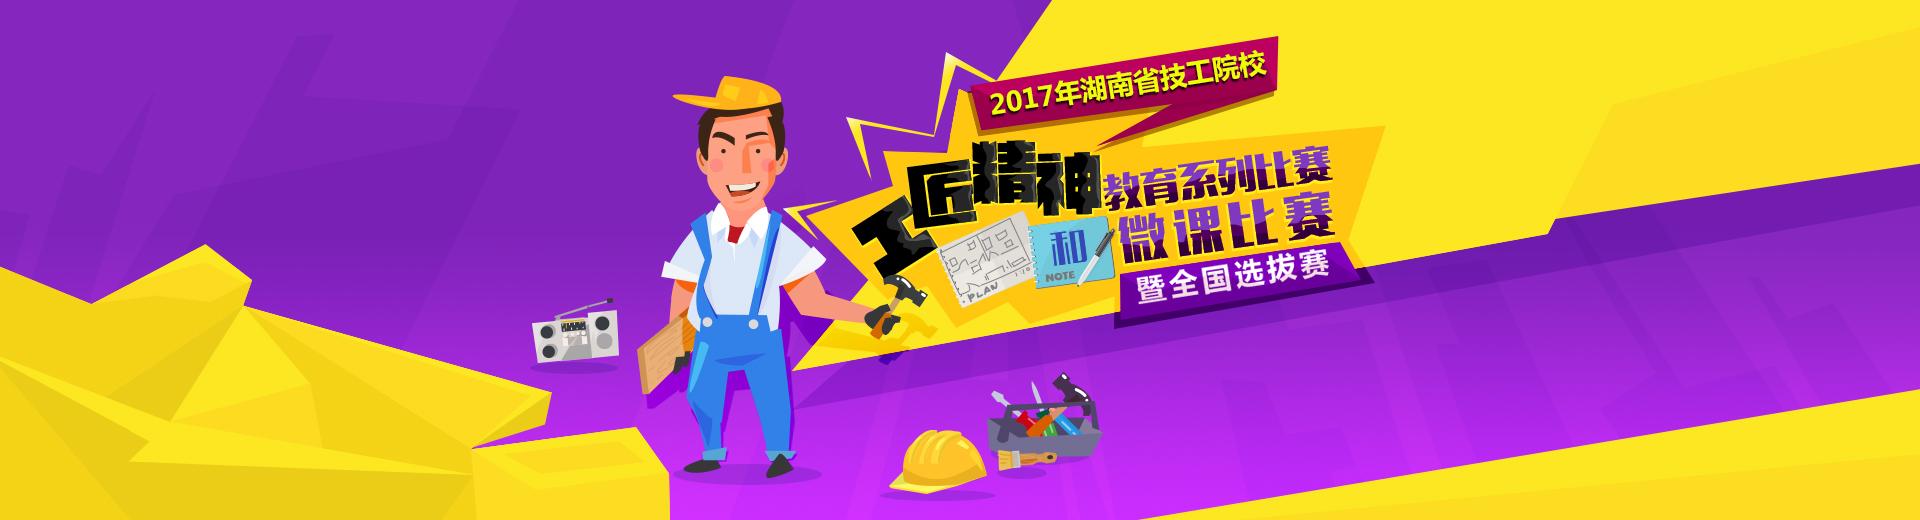 2017年湖南省技工院校工匠精神教育系列比赛和微课比赛暨全国选拔赛